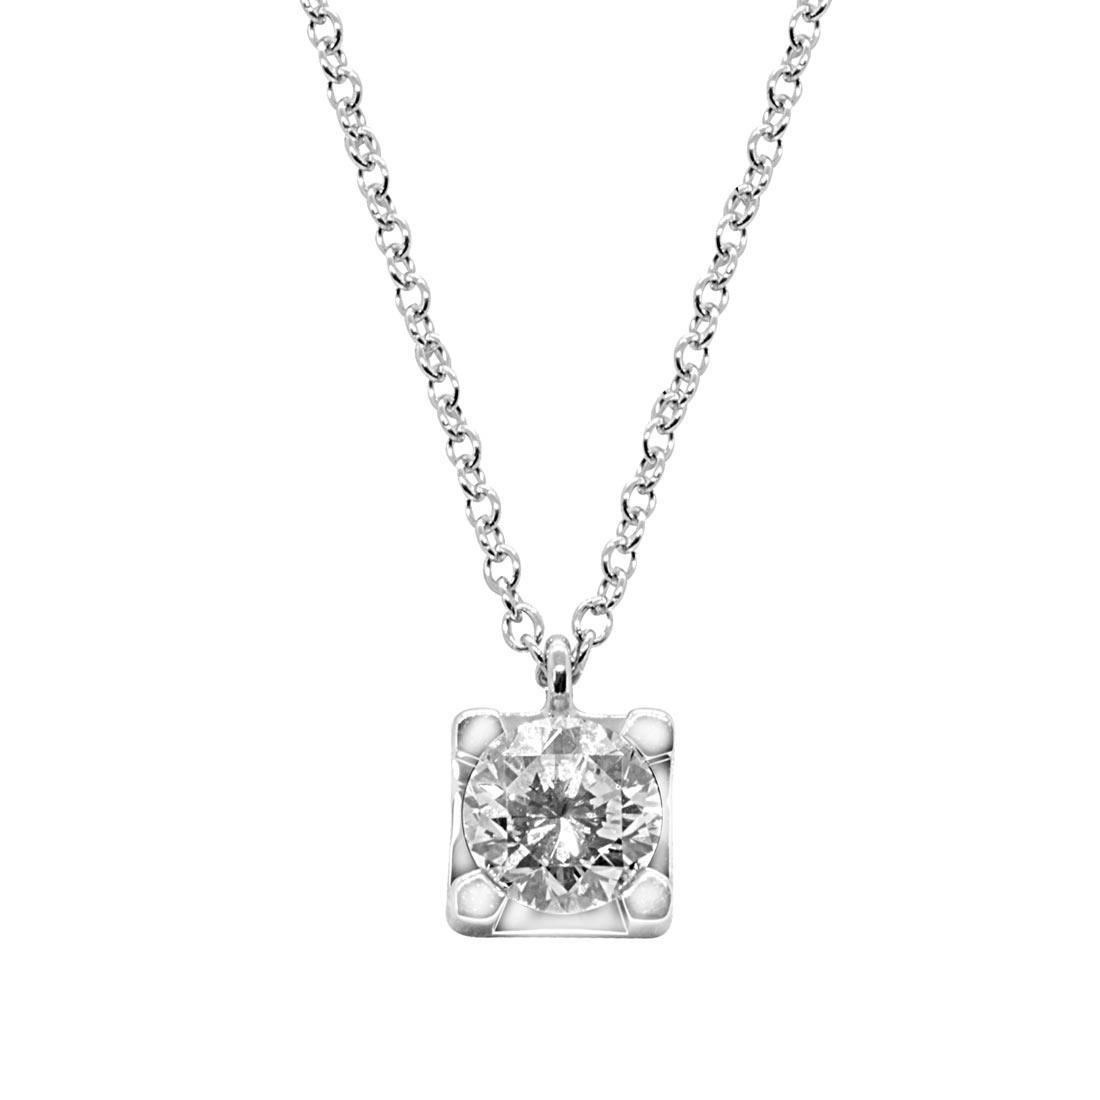 Collier punto luce in oro bianco con diamante 1,38 ct - ALFIERI ST JOHN